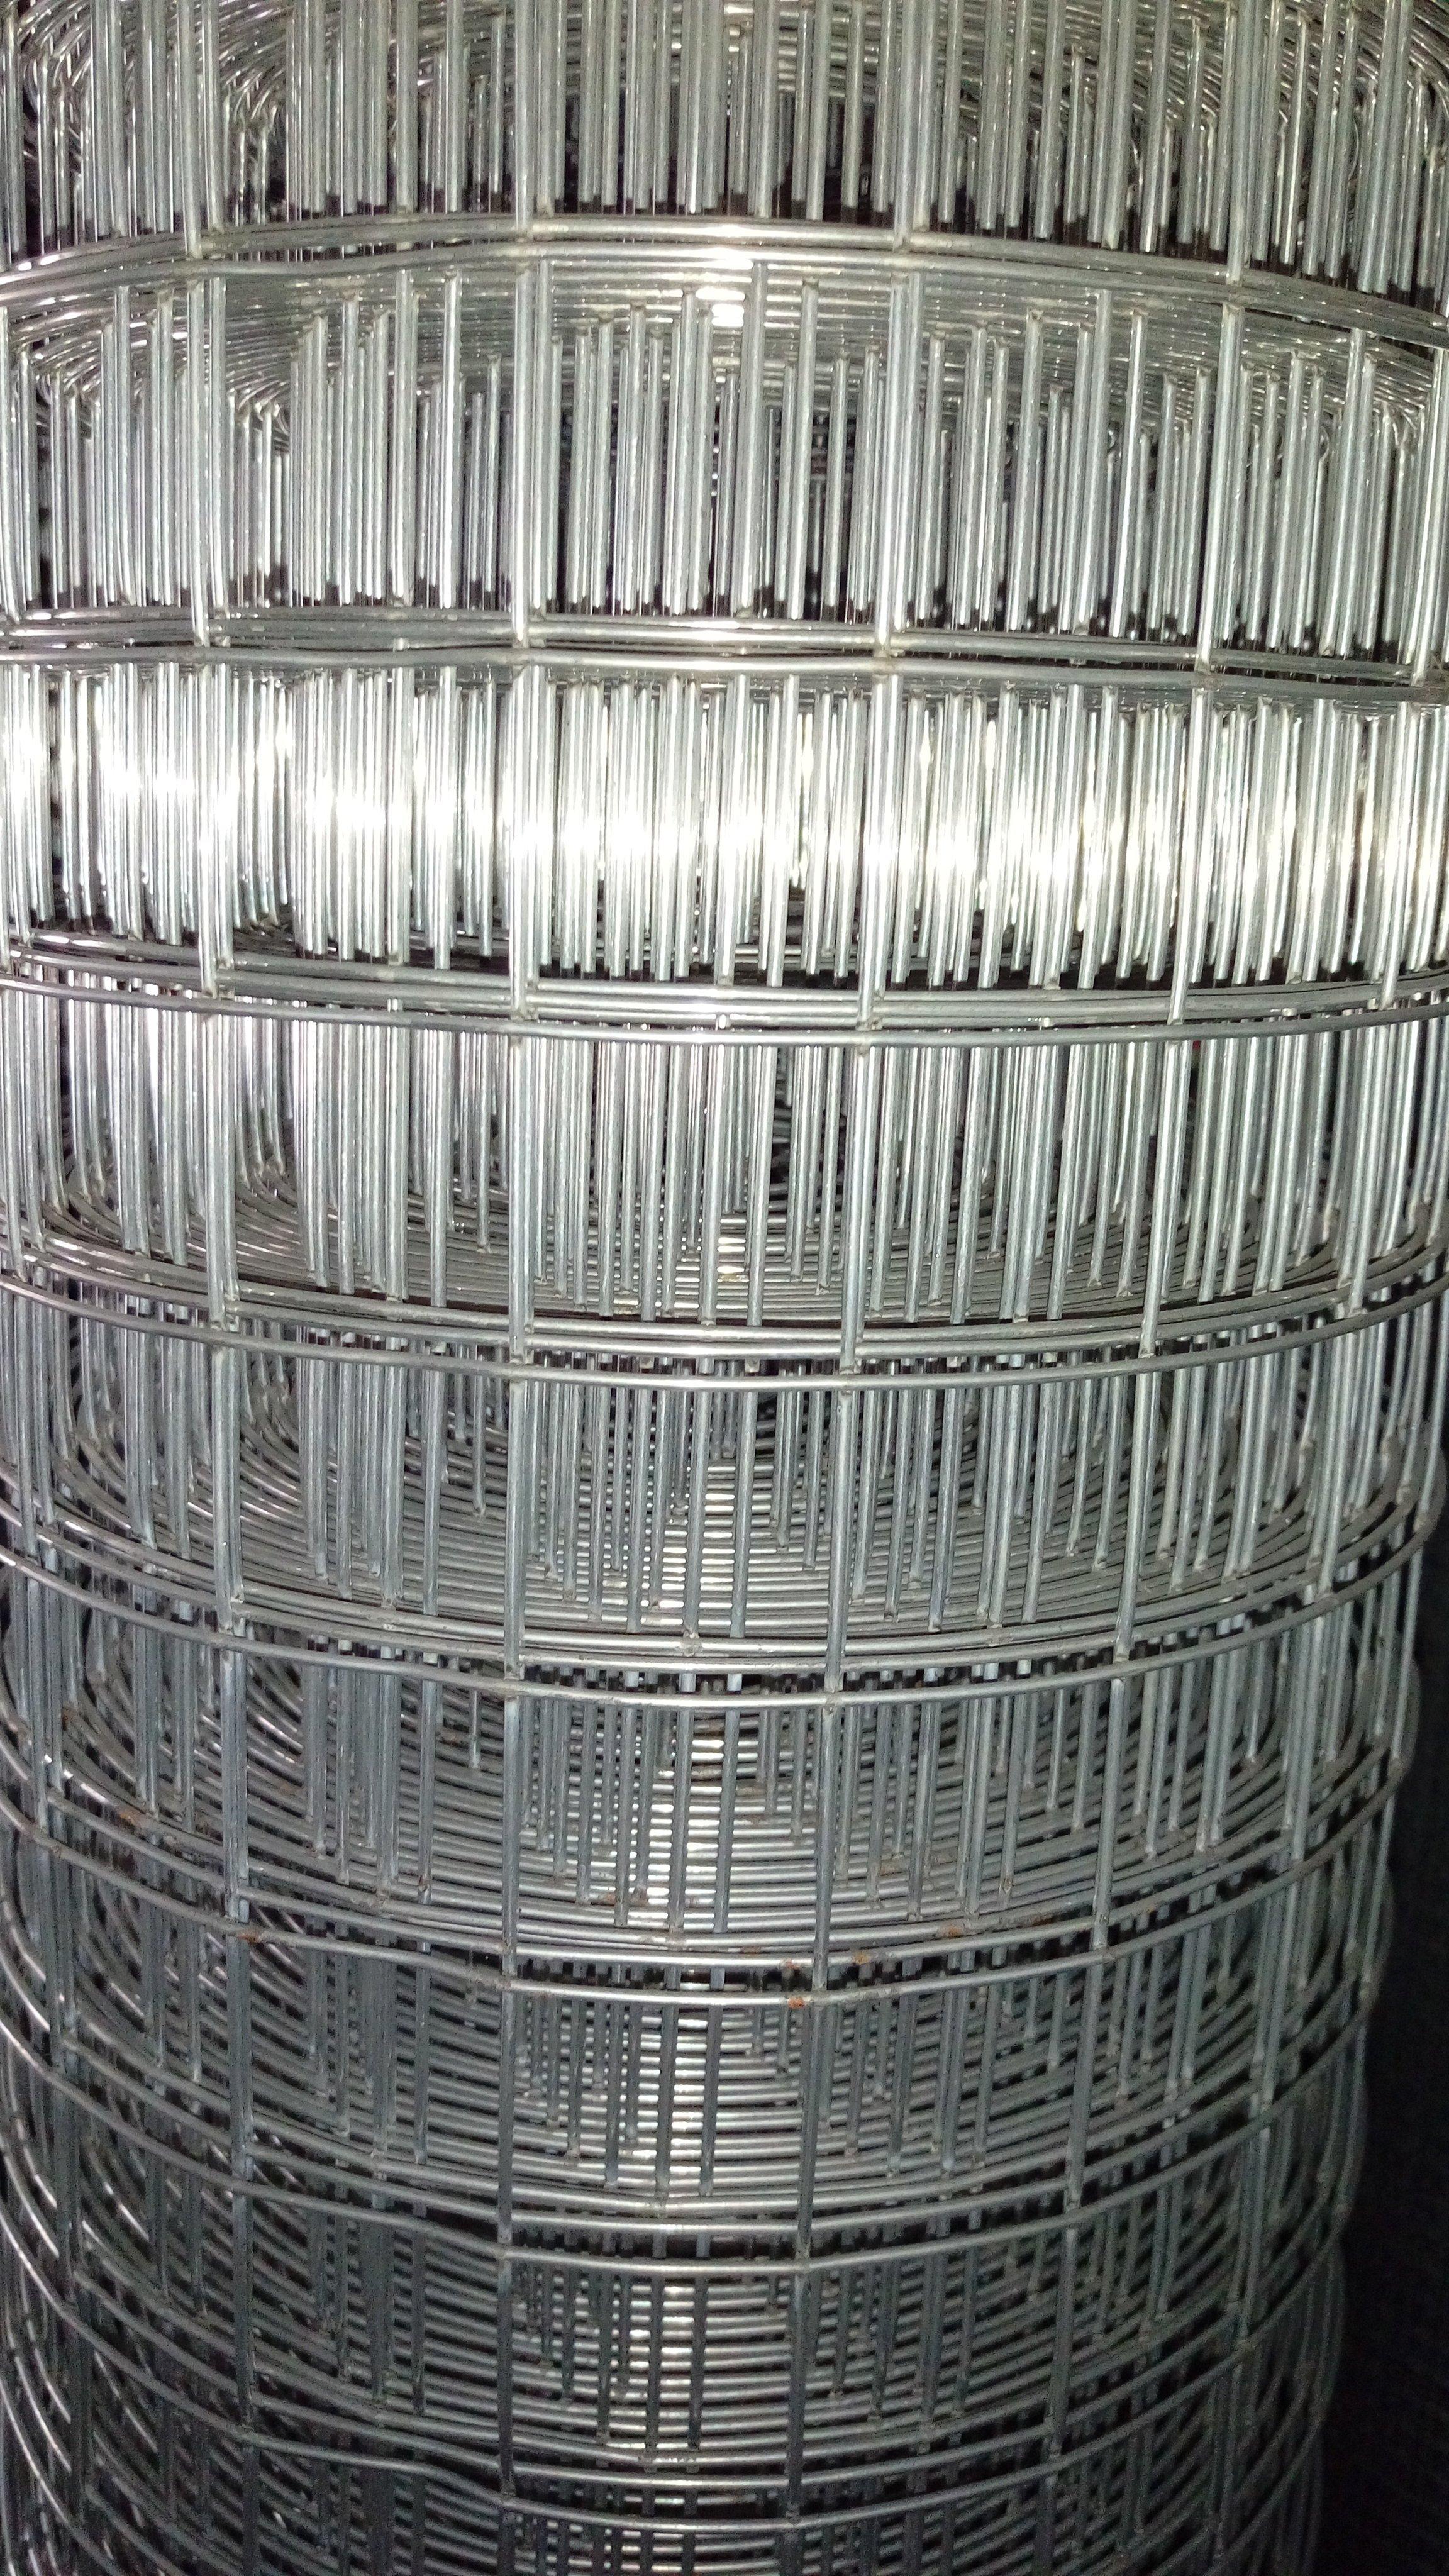 點焊鋼絲網 點焊網 10# 孔徑4  5尺寬 全長50尺 4英吋孔 鍍鋅網 鐵網  圍籬_粗俗俗五金大賣場